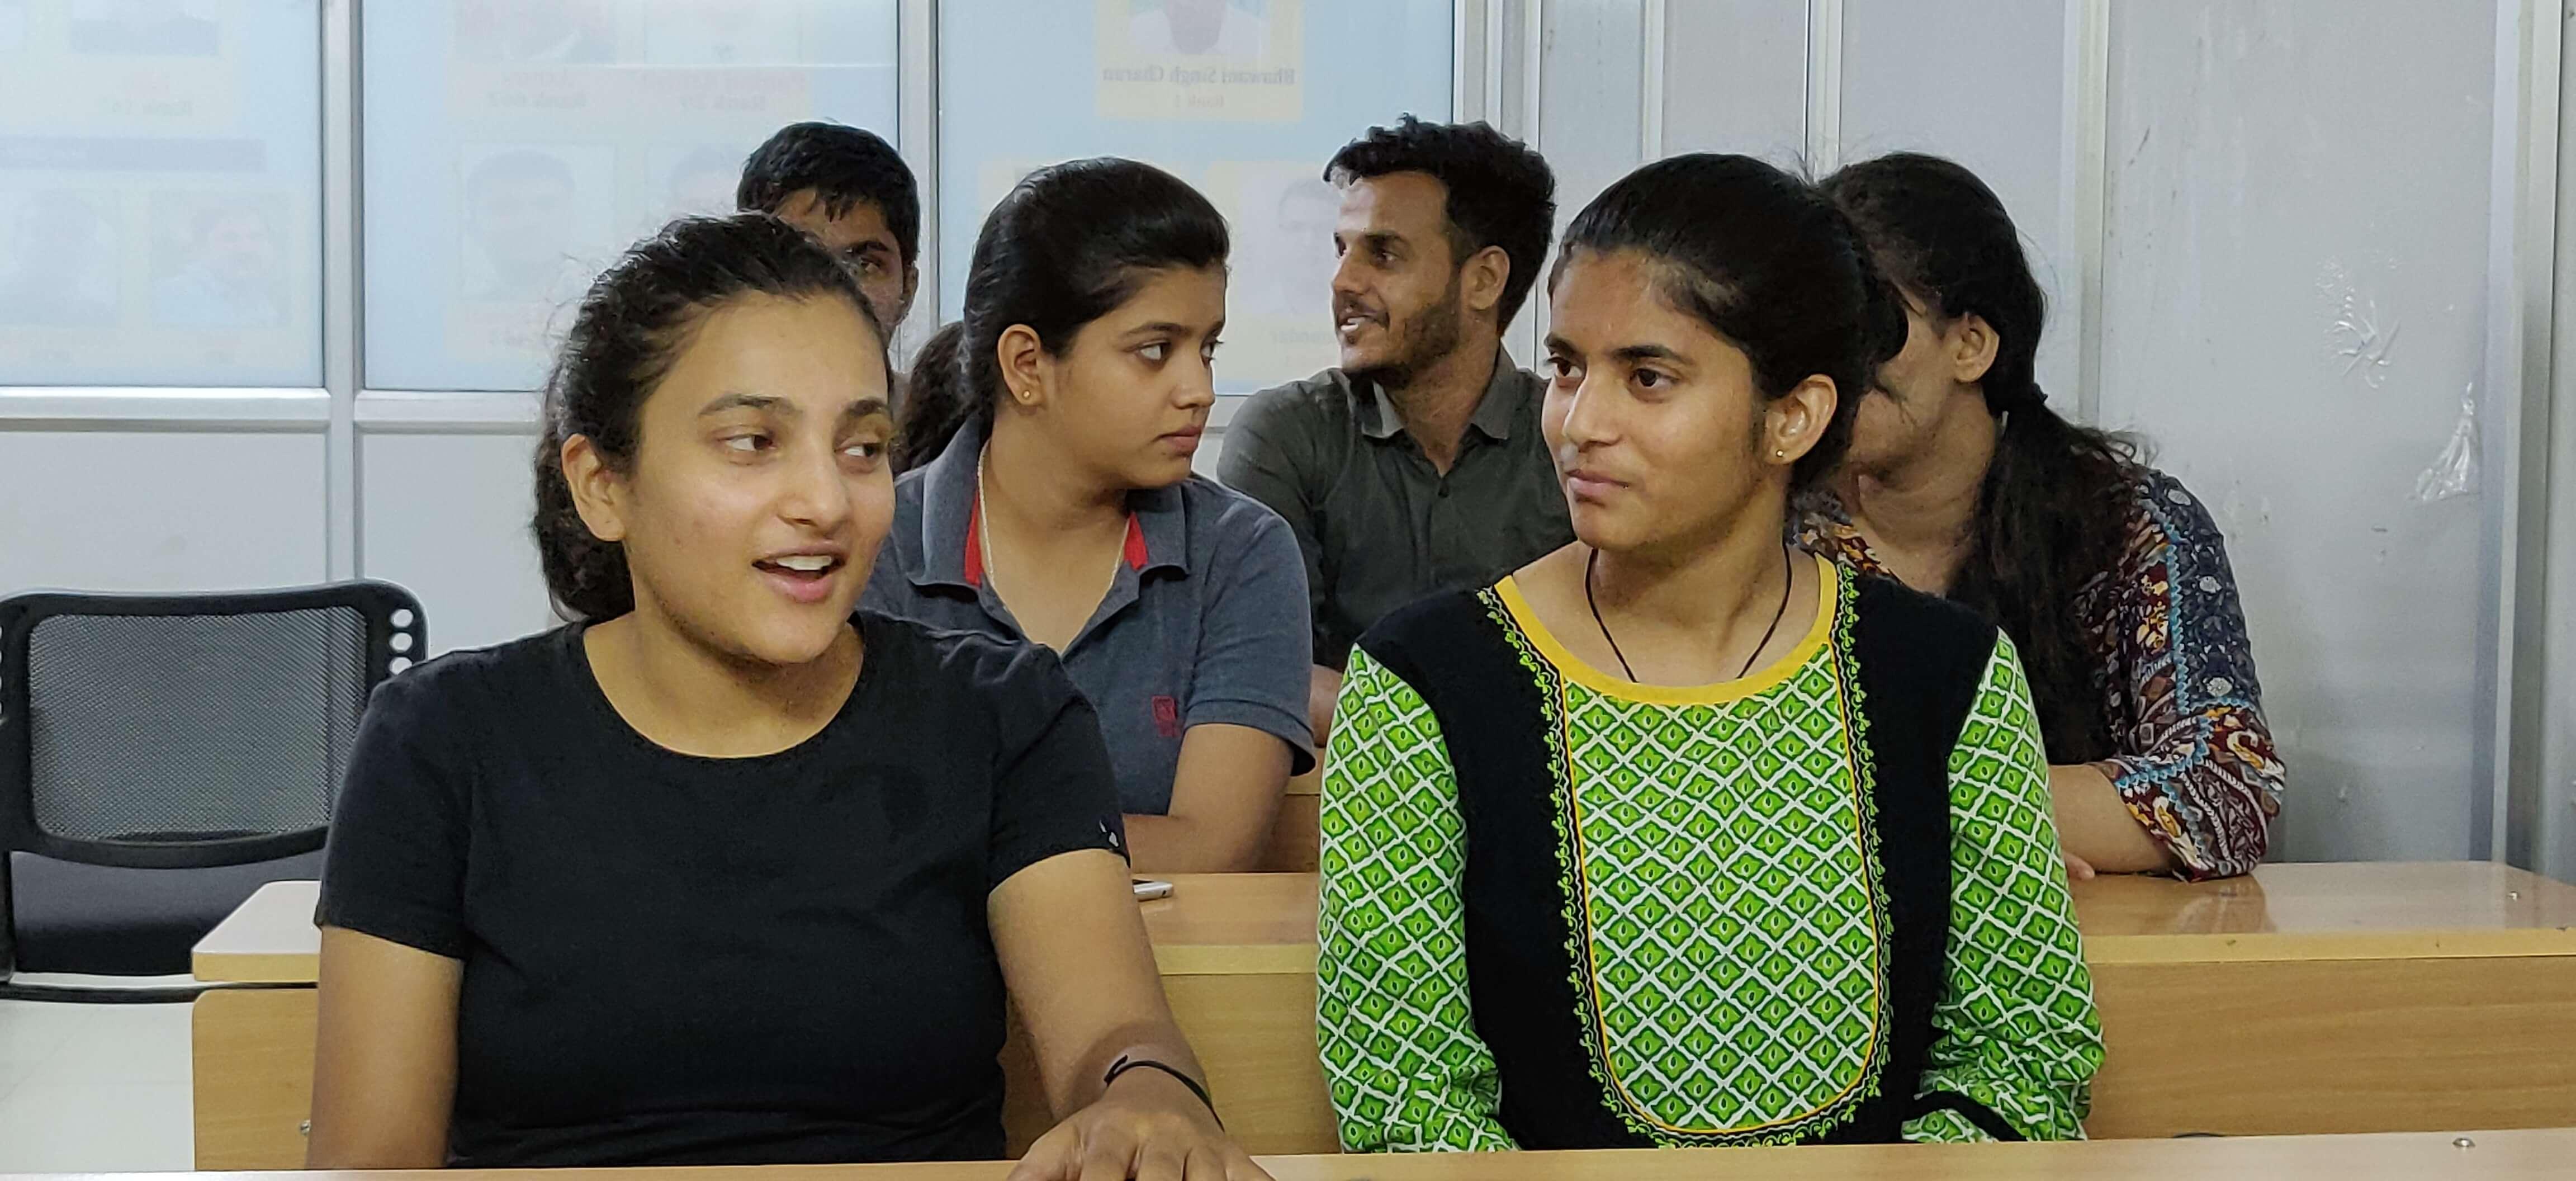 shikhhar ias academy-SchoSys.com